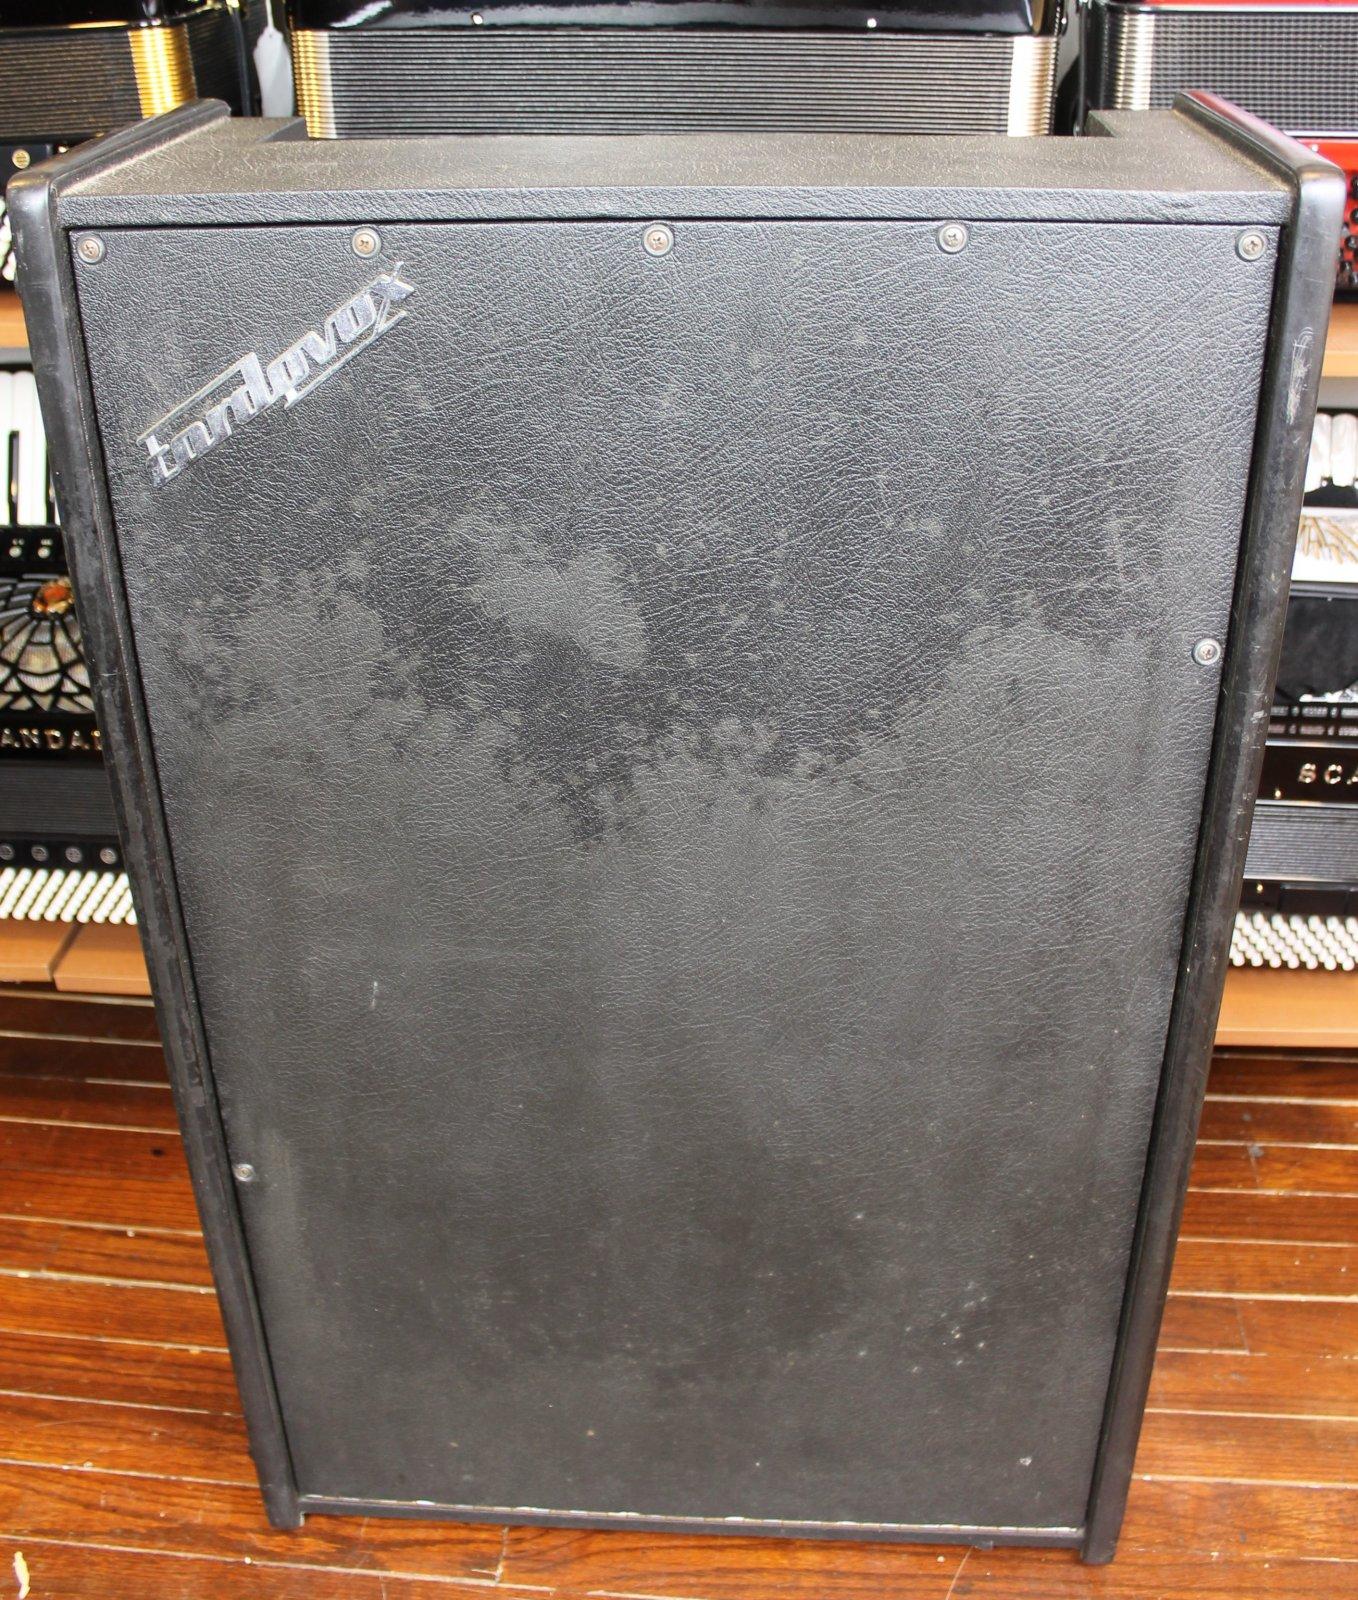 3889 - Black Cordovox CXG Solid State Tone Generator